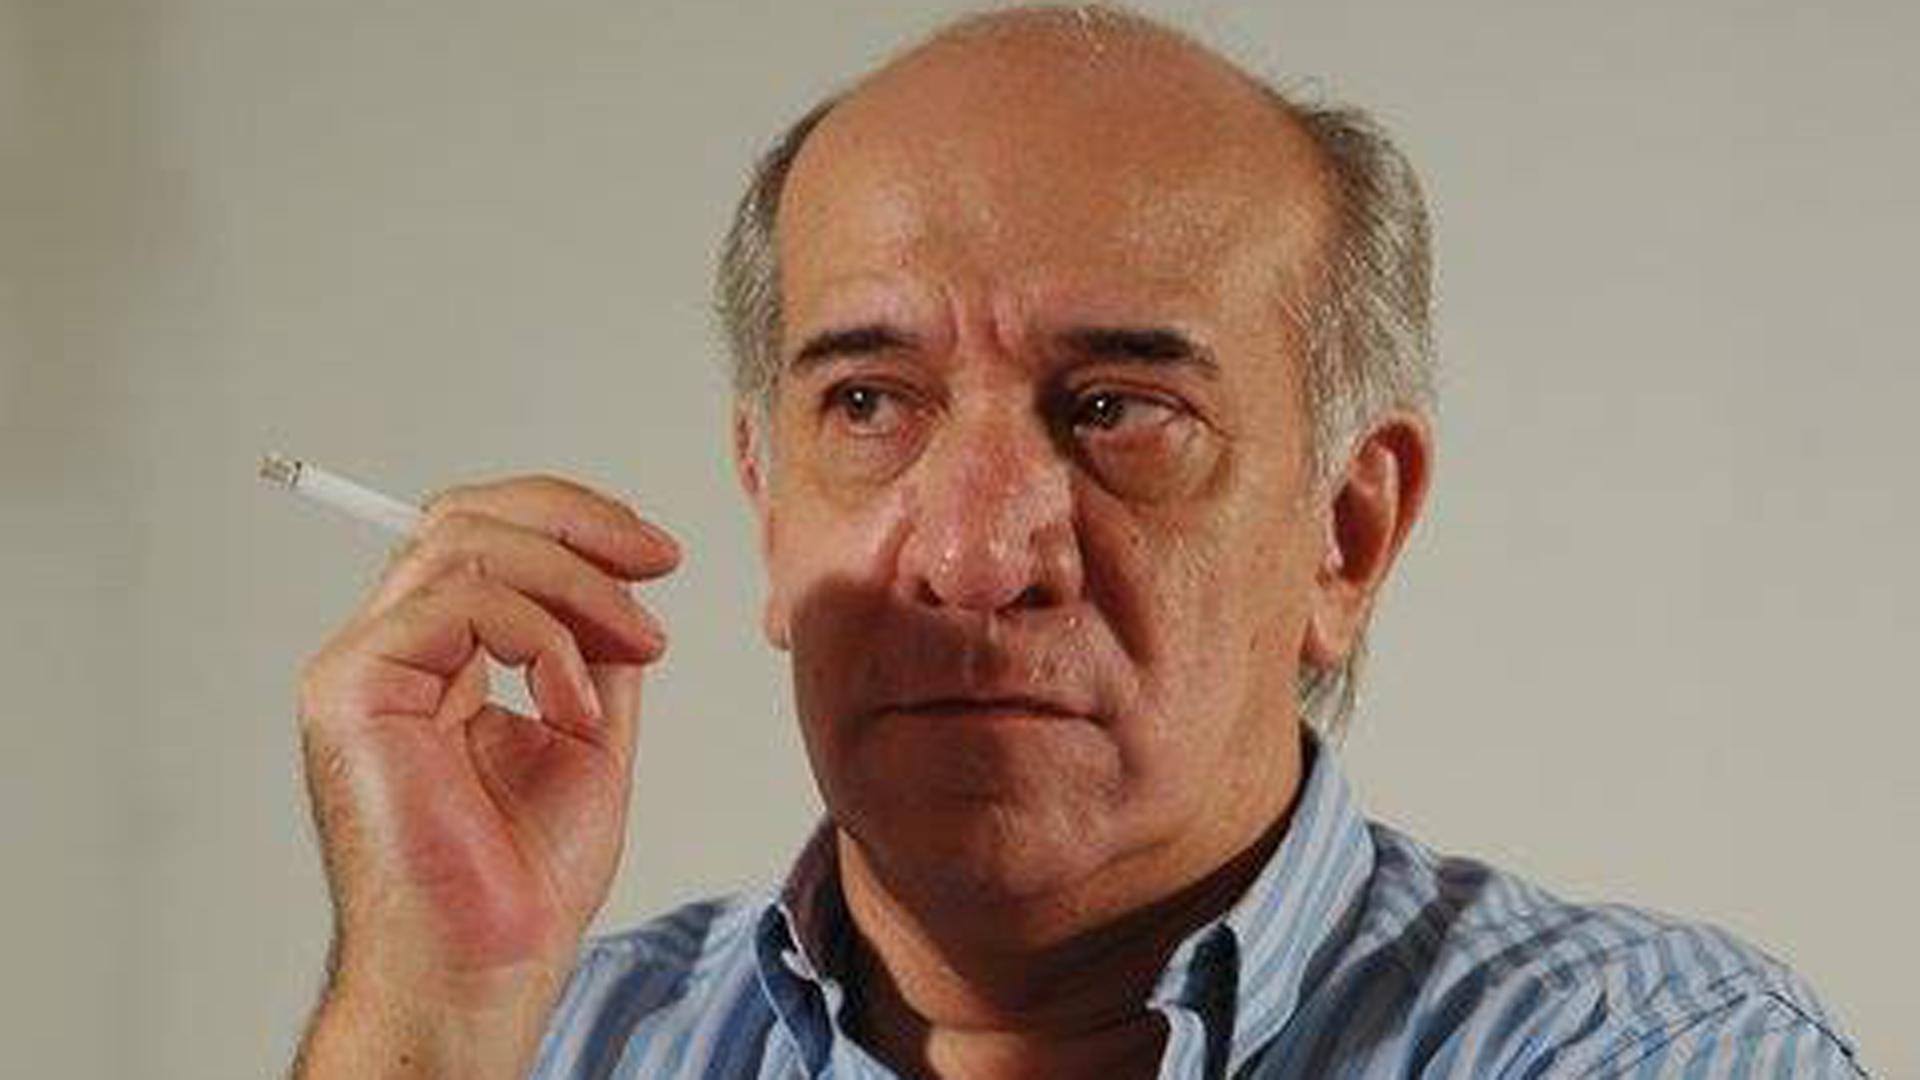 Víctor Maytland es director de cine porno y tiene 71 años